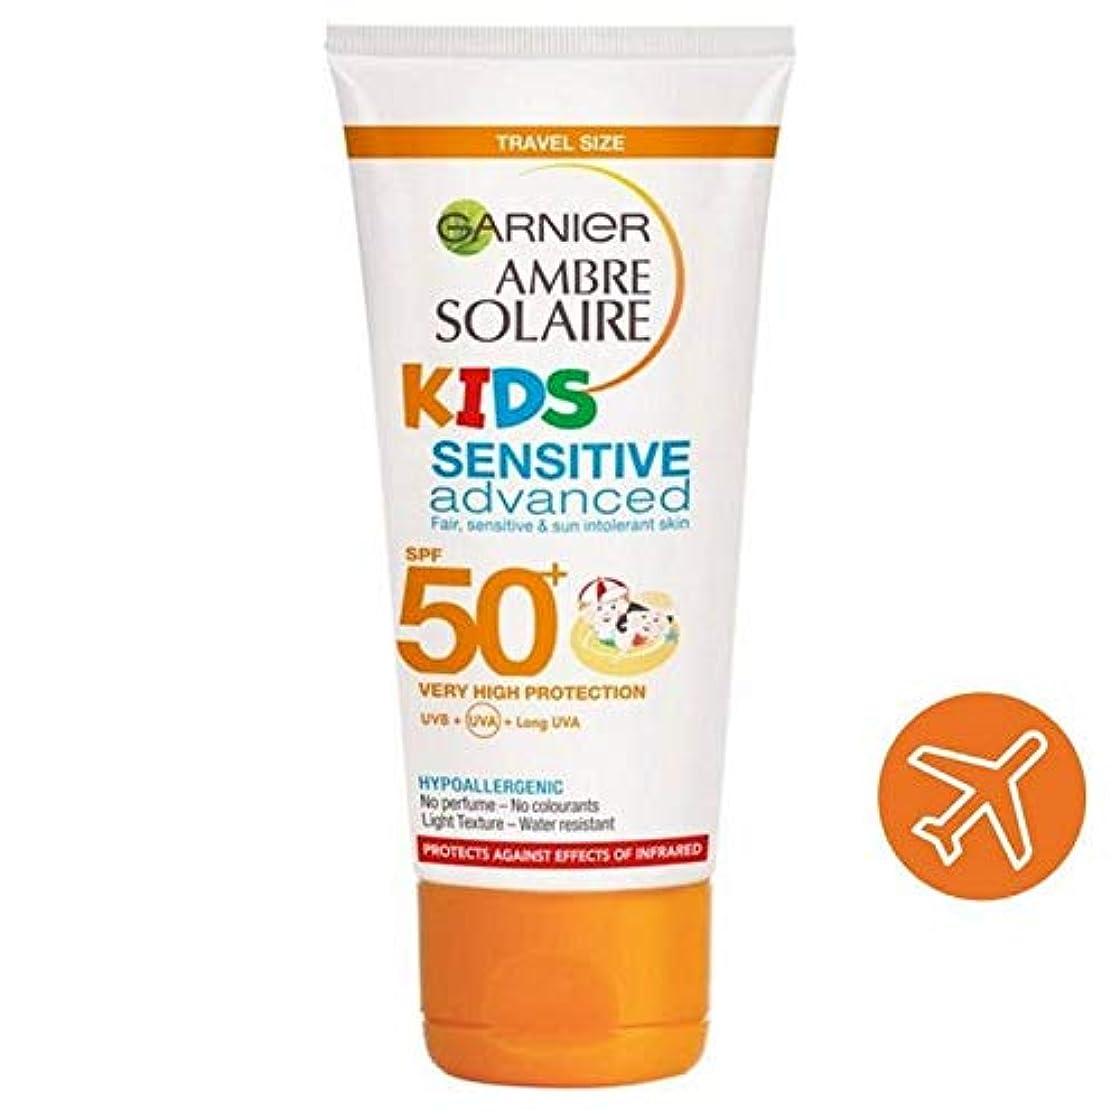 クラブリスト見分ける[Garnier ] アンブレSolaire子供敏感サンクリームSpf50 + 50ミリリットル - Ambre Solaire Kids Sensitive Sun Cream SPF50+ 50ml [並行輸入品]